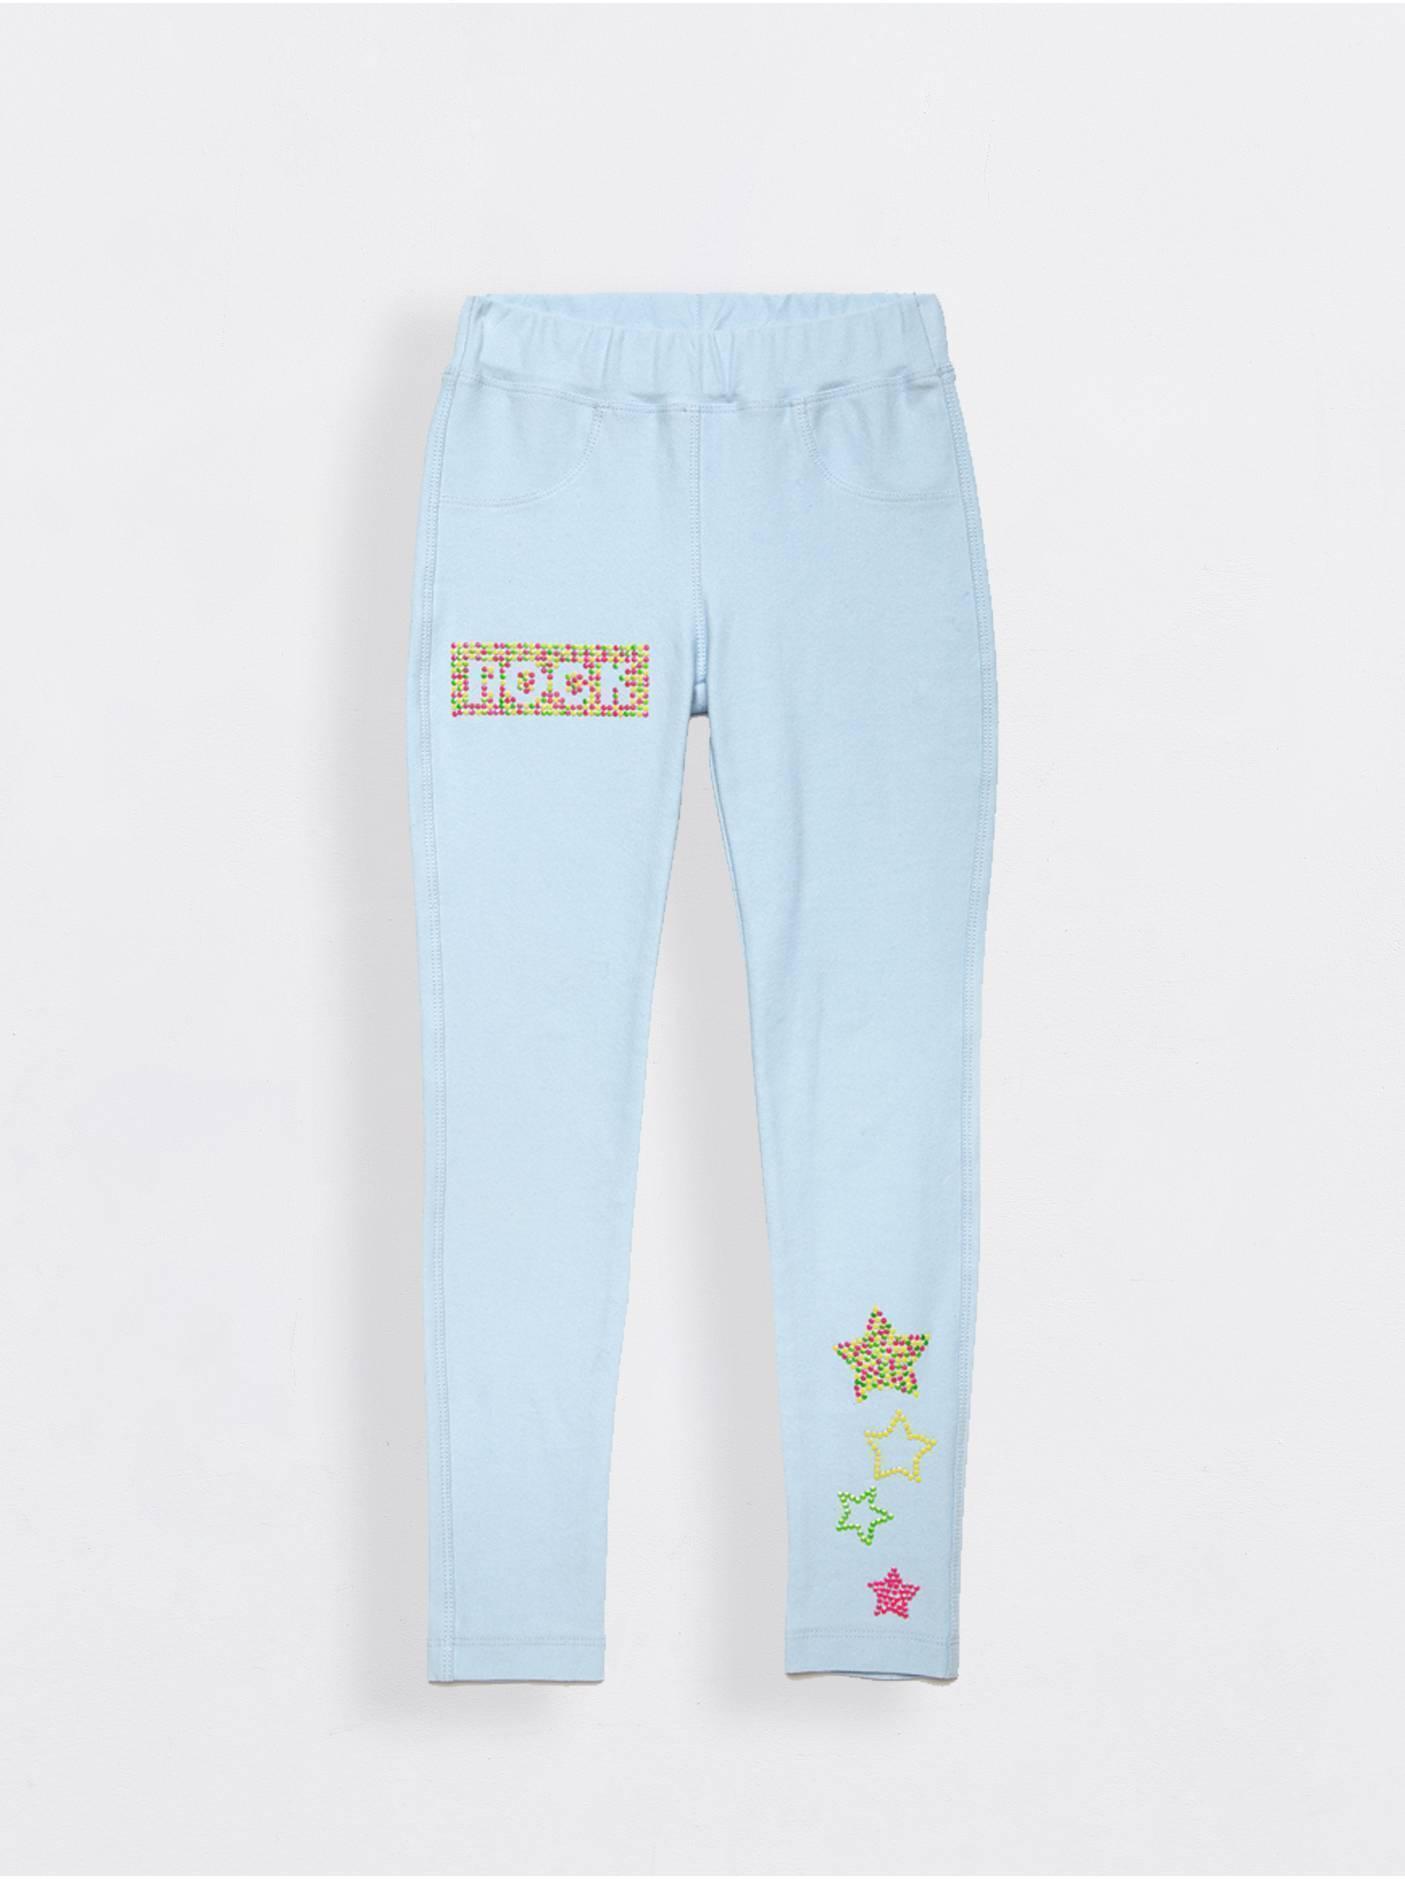 Фото 3 - Леггинсы для девочек ⭐️ Джеггинсы с ярким рисунком из неоновых стразов ROCK STAR ⭐️ цвет crystal blue